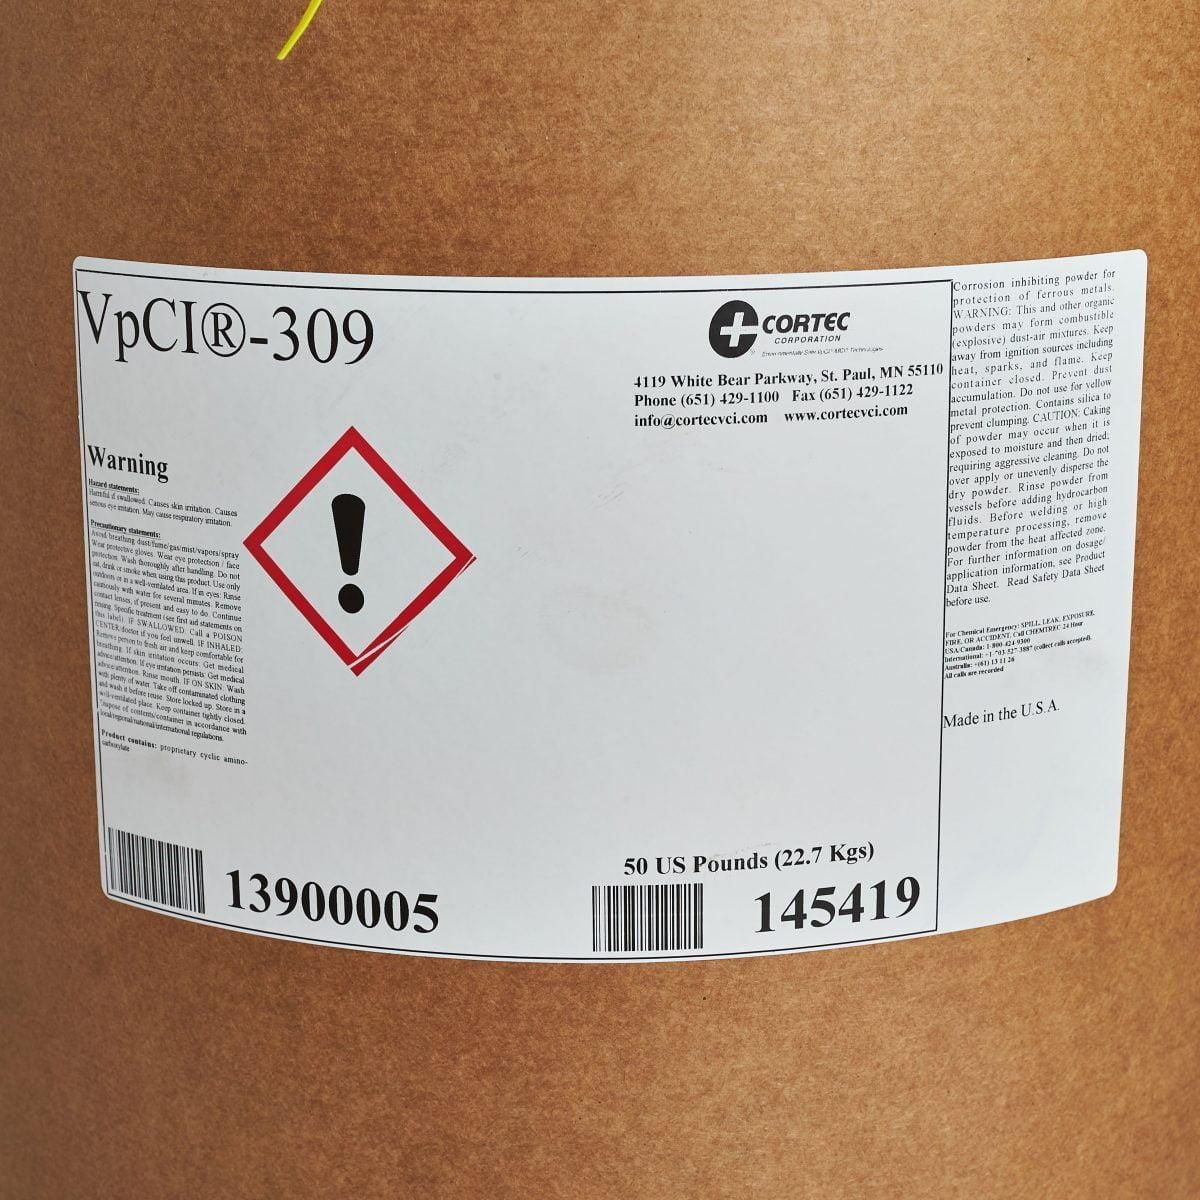 Cortec VPCI 309